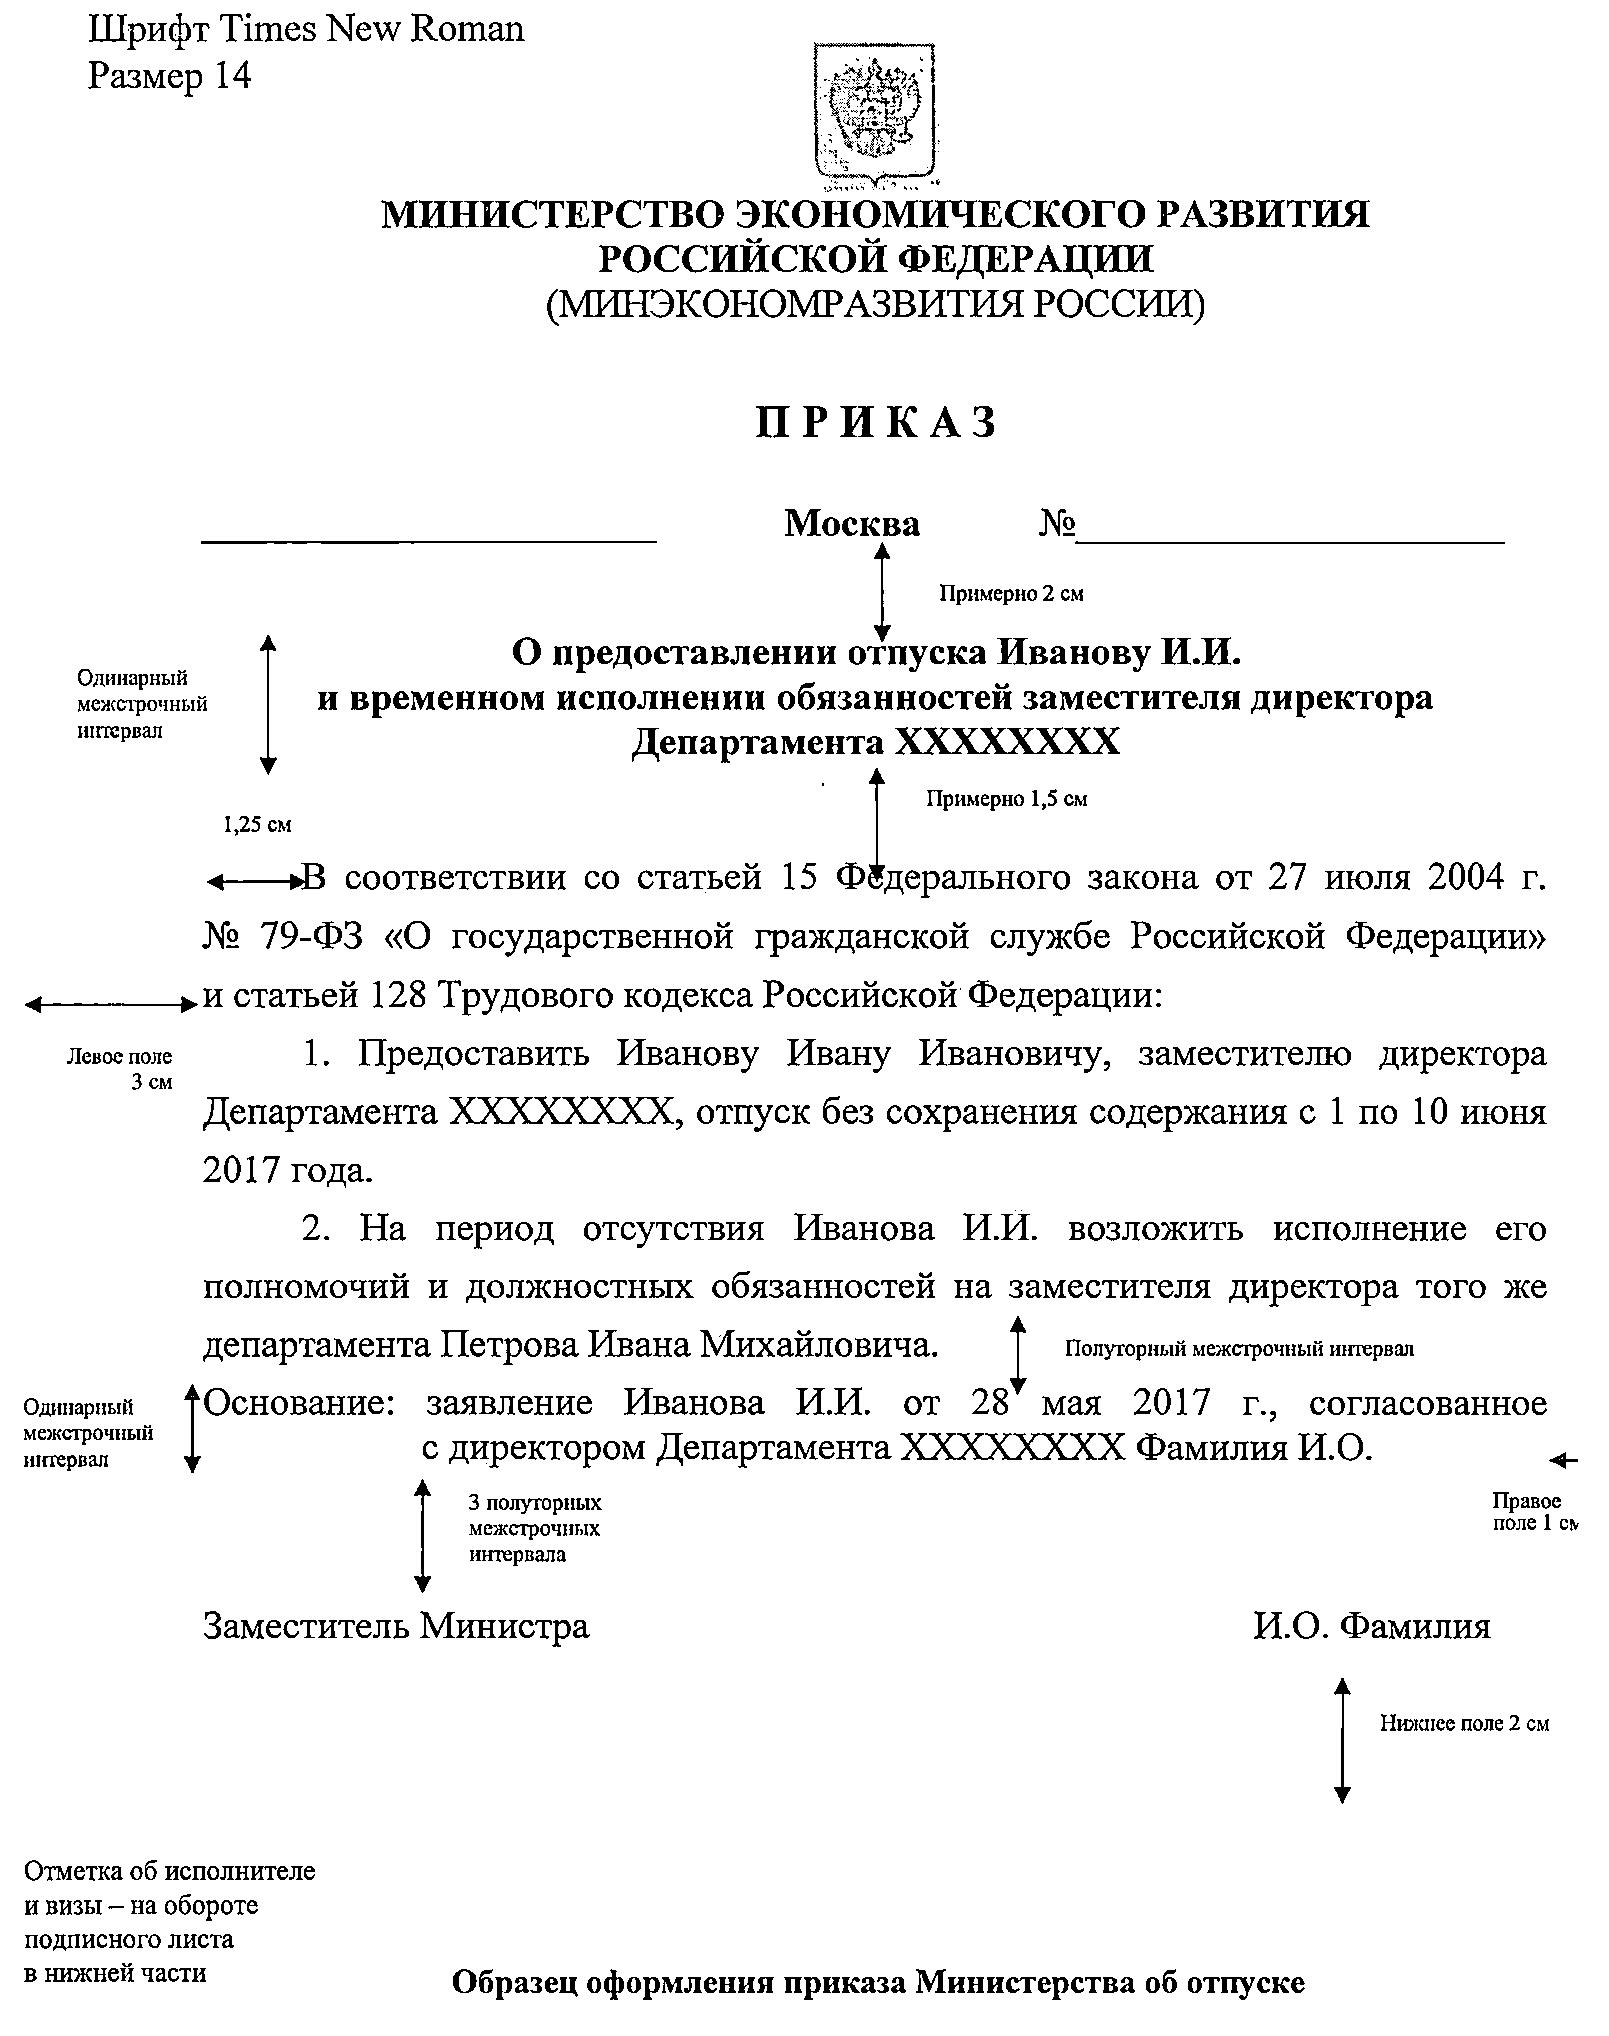 Инструкция по делопроизводству письма